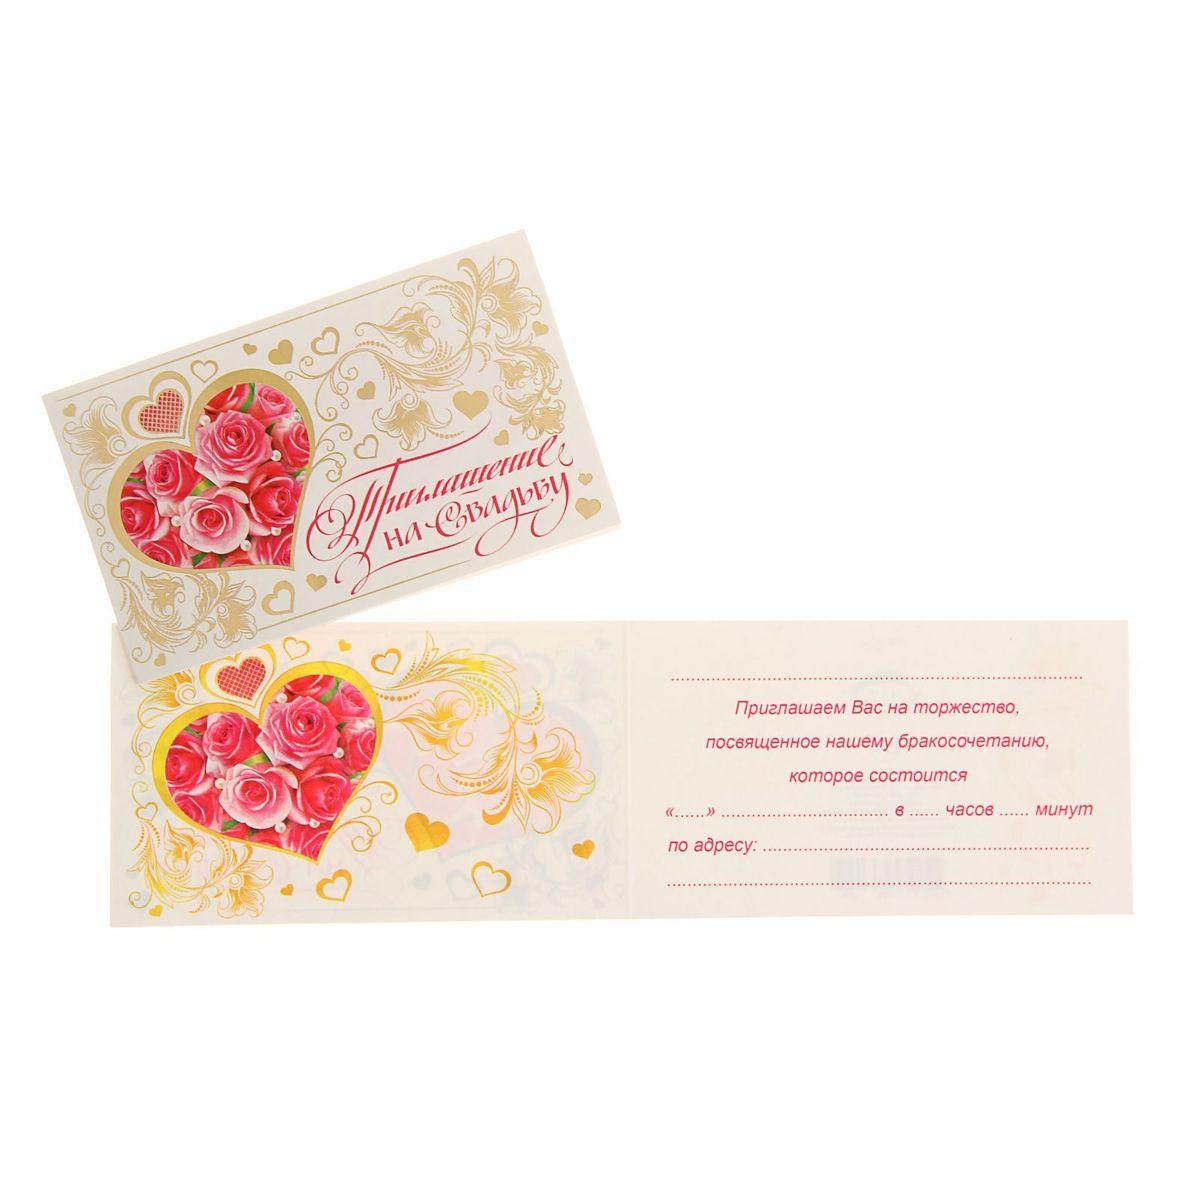 Приглашение на свадьбу Мир открыток Сердце и розы1377873Приглашение на свадьбу Мир открыток Сердце и розы, выполненное из картона, отличается не только оригинальным дизайном, но и высоким качеством. Лицевая сторона изделия оформлена красивым изображением роз и сердец, а также изящным узорным тиснением фольгой. Внутри содержится поле для записи имени гостя, а также даты и места бракосочетания. Приглашение - один из самых важных элементов вашего торжества. Ведь именно пригласительное письмо станет первым и главным объявлением о том, что вы решили провести столь важное мероприятие. И эта новость обязательно должна быть преподнесена достойным образом. Приглашение - весомая часть всей концепции праздника.